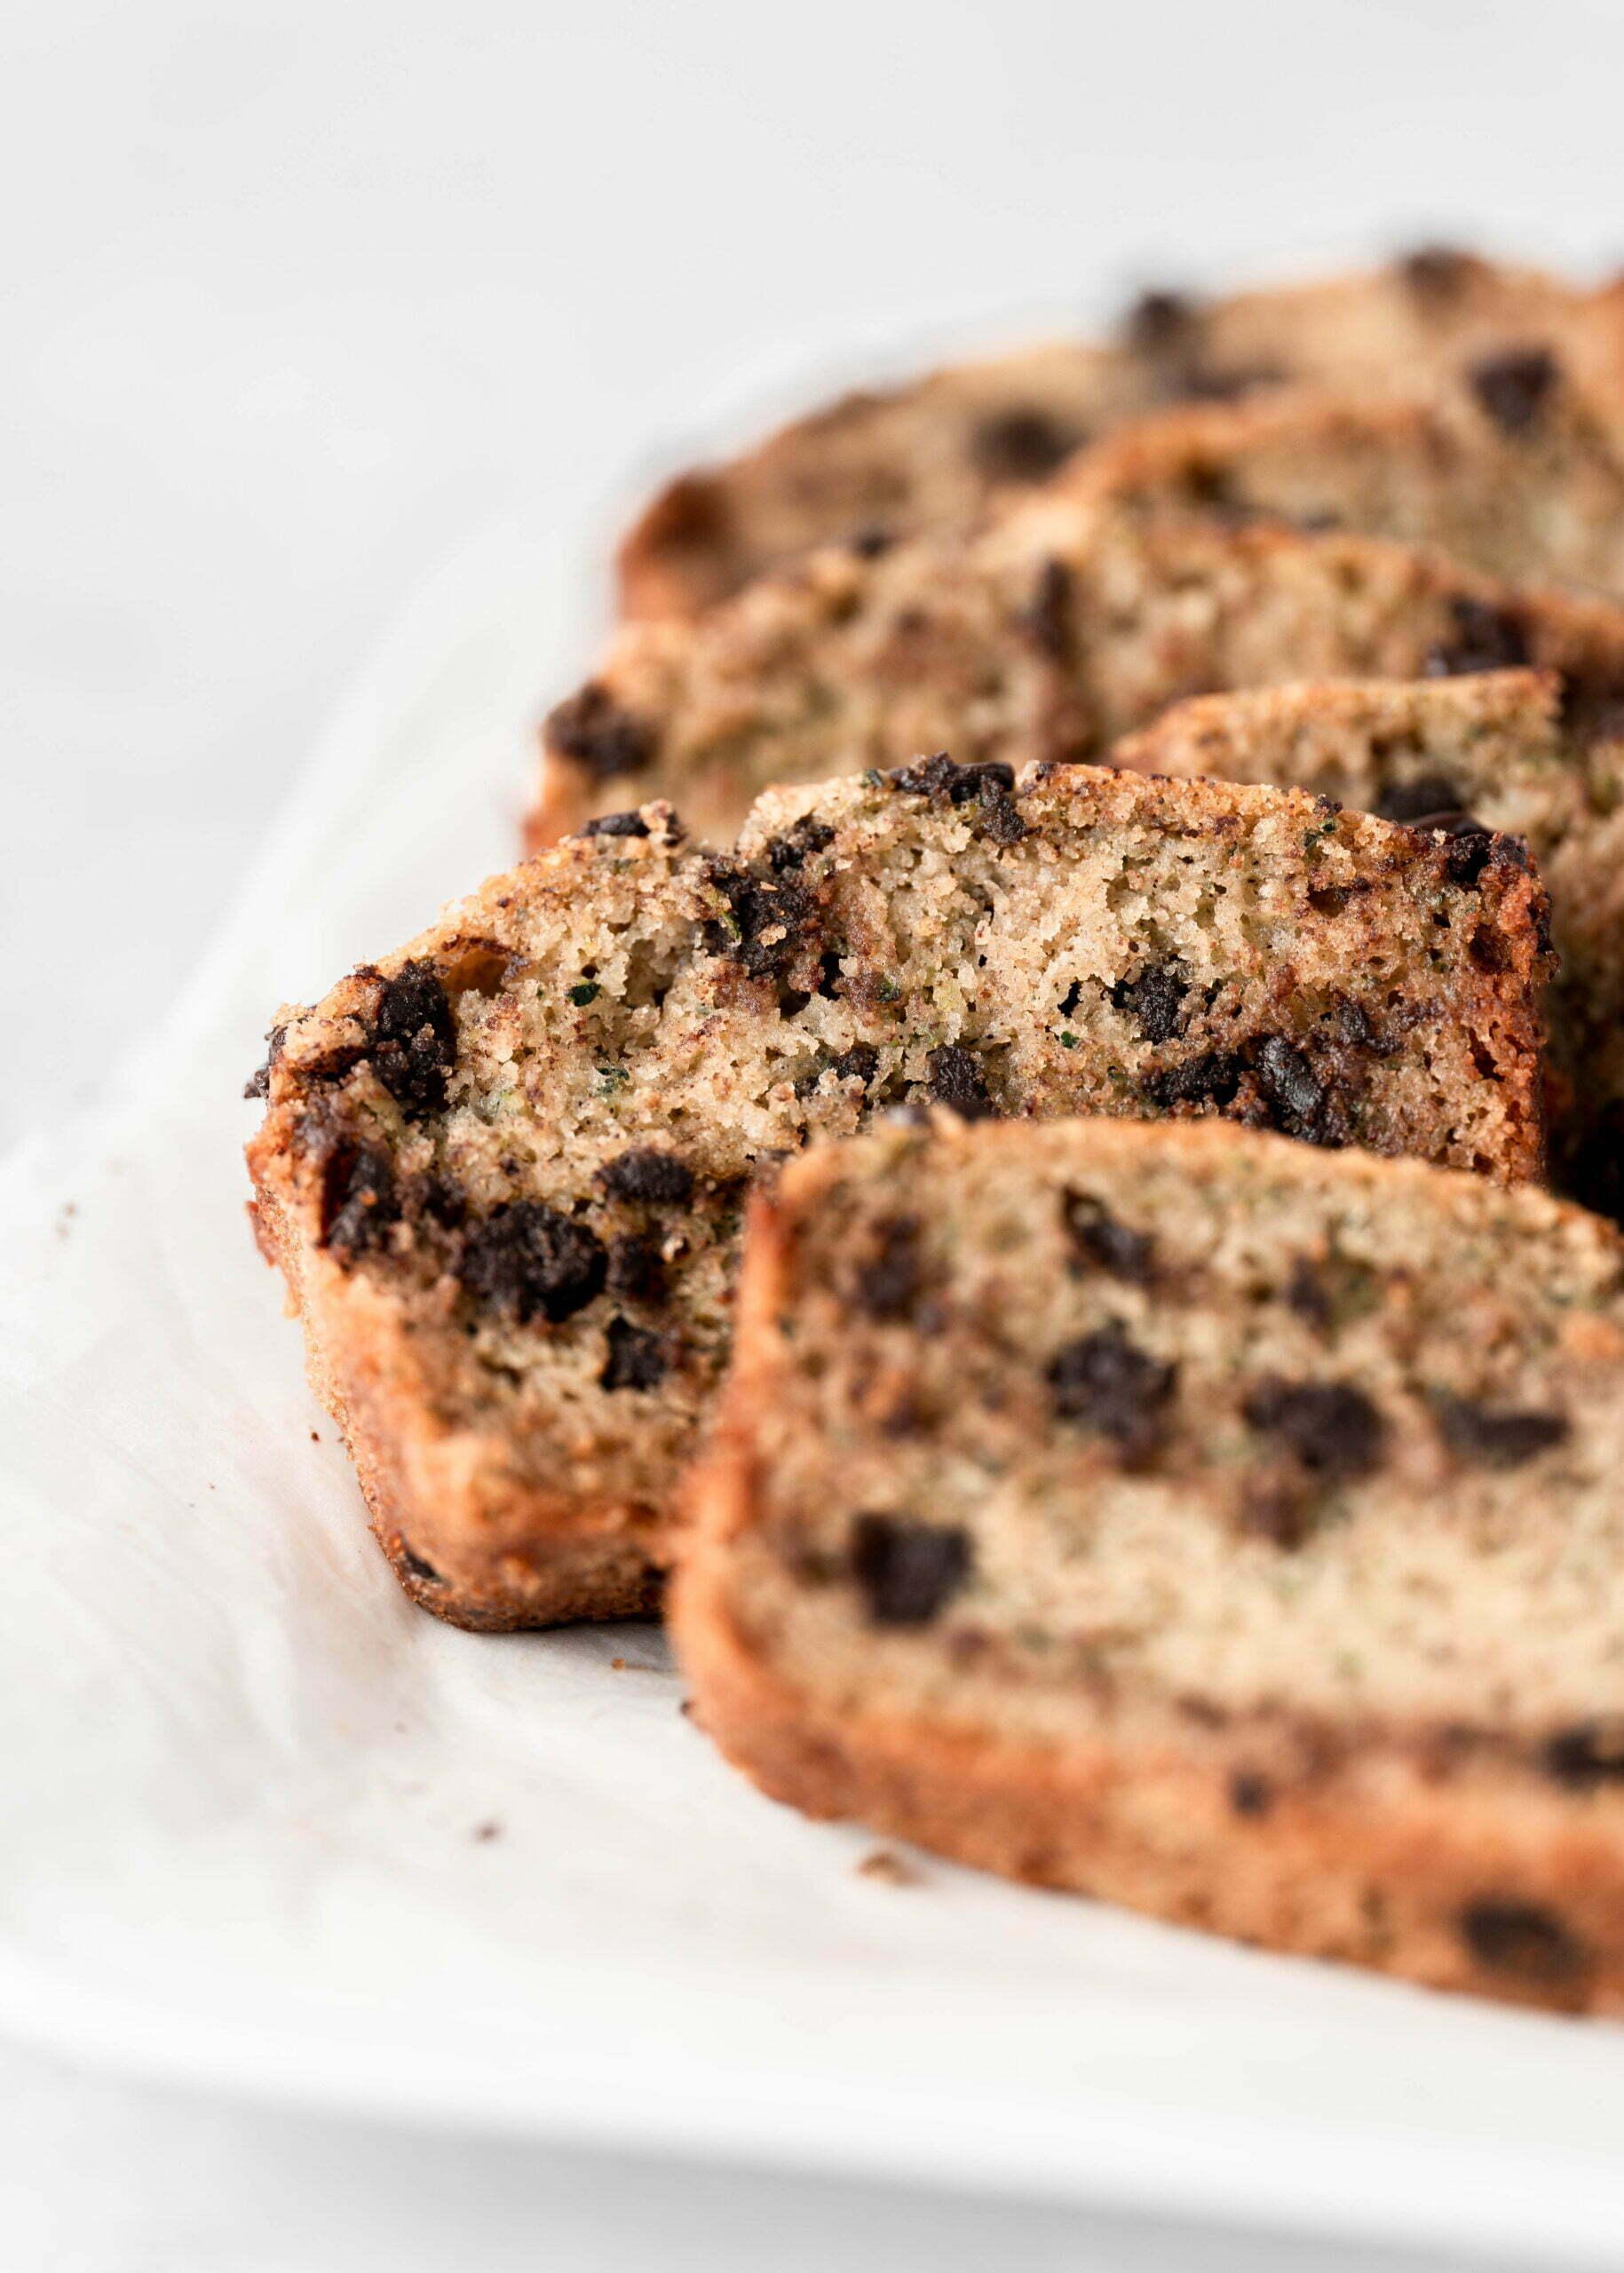 Brezglutenski kolač z bučko in koščki temne čokolade